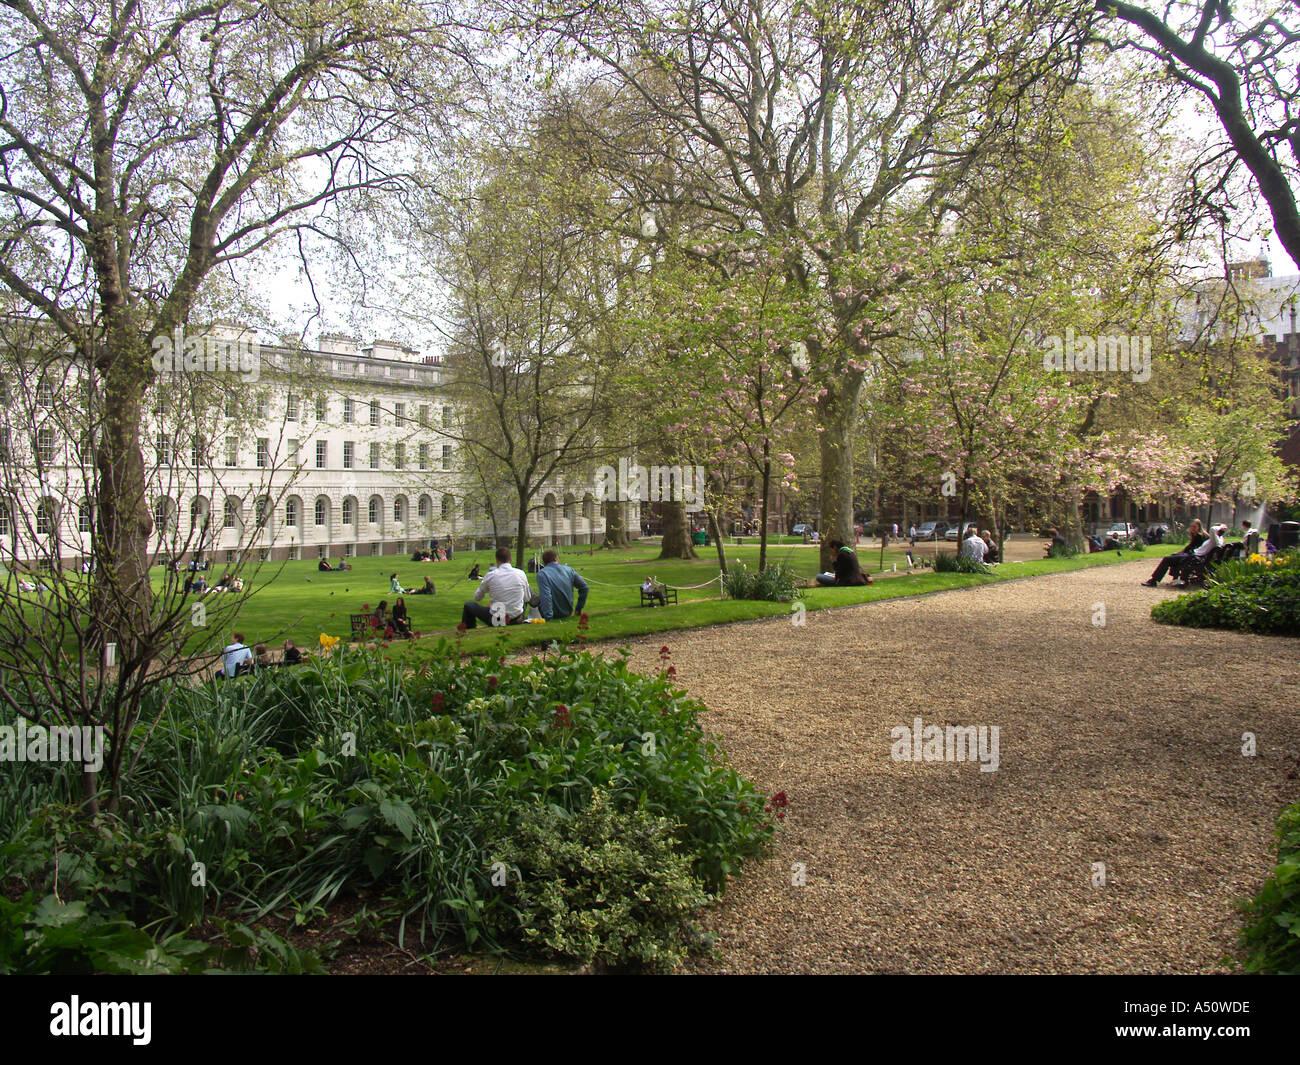 Garden Gray s Inn Inns of Court London England - Stock Image